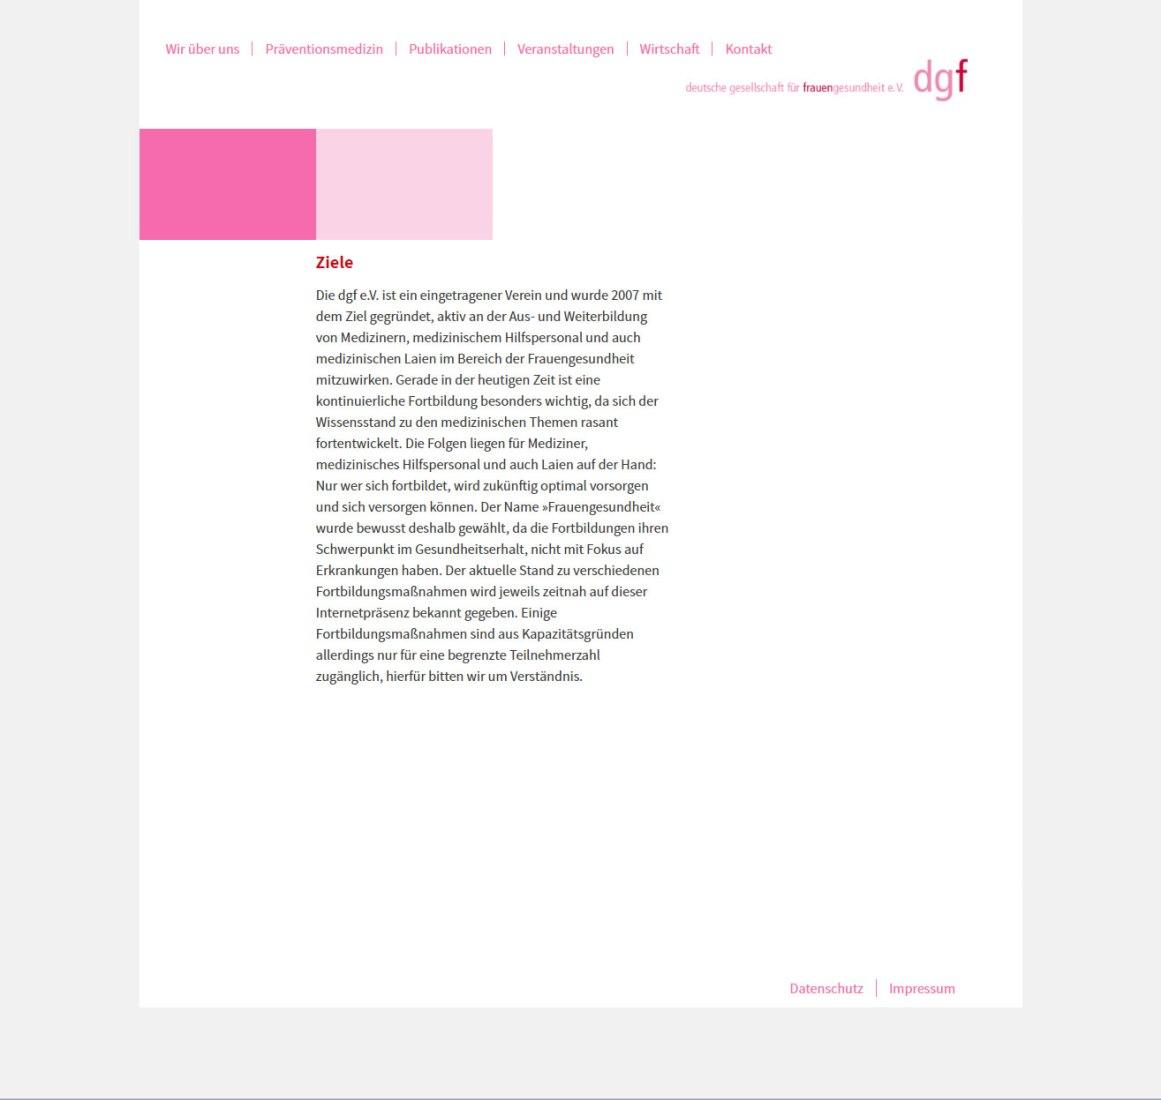 Deutsche Gesellschaft für Frauengesundheit